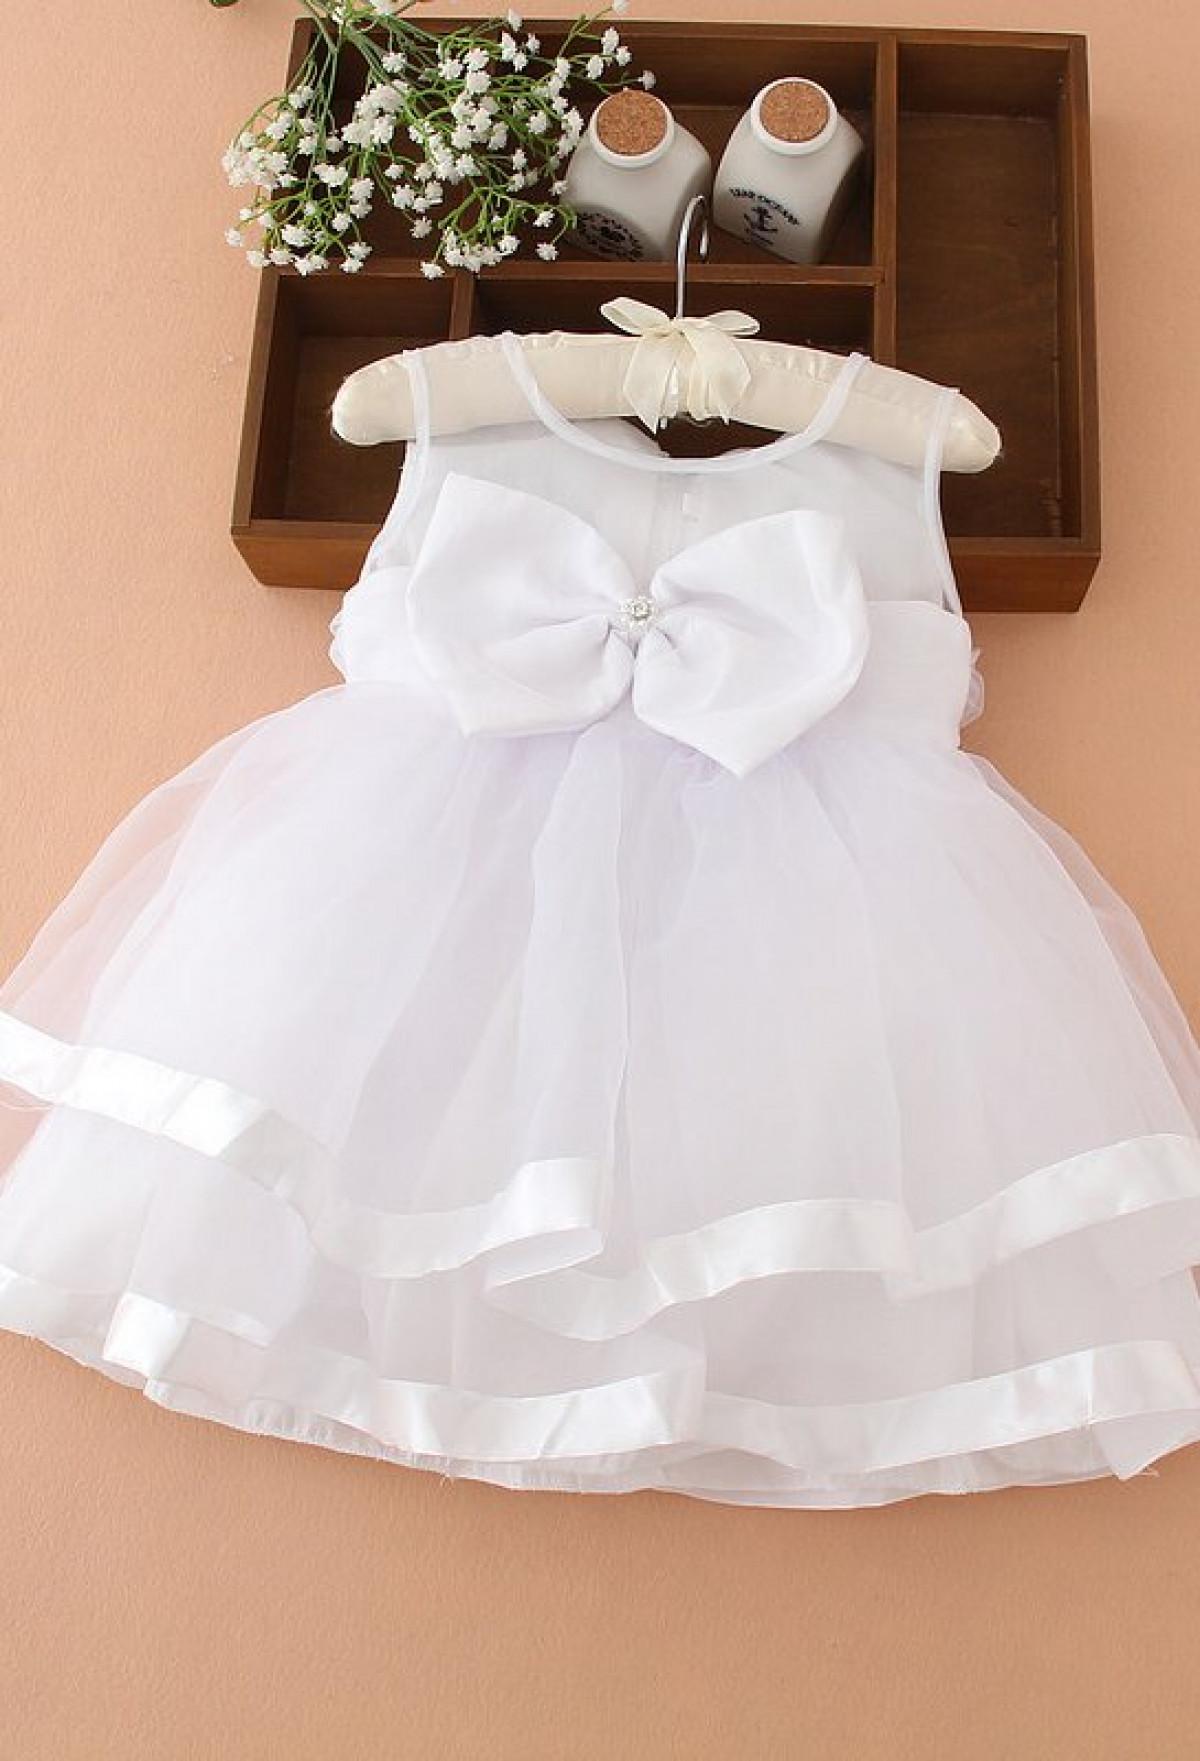 Robe bébé petite fille blanche baptême